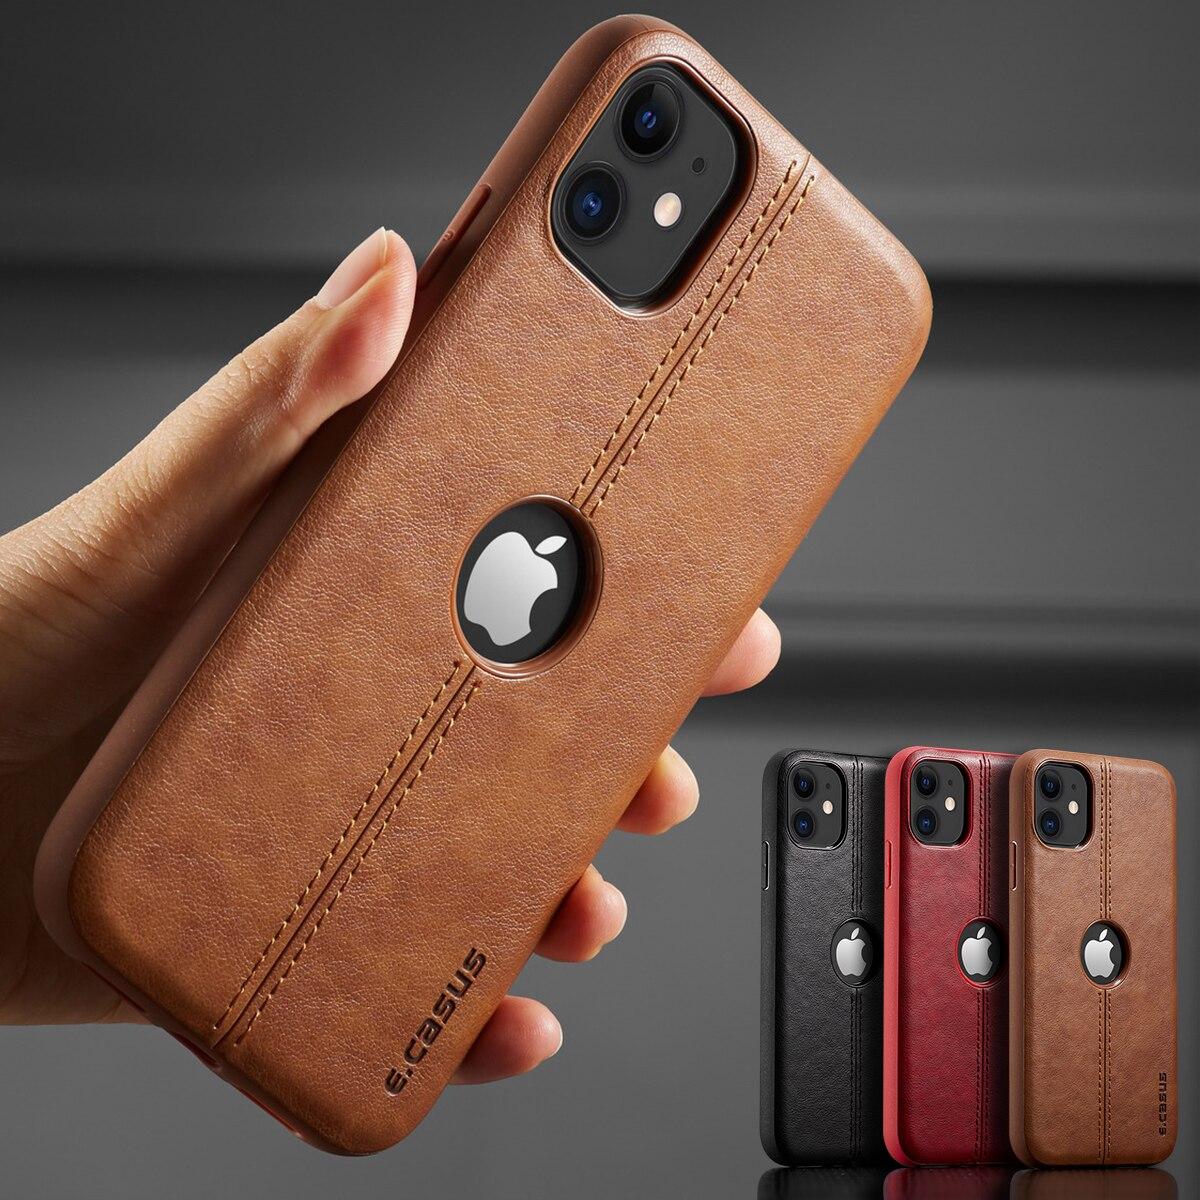 Для iPhone 11 11 Pro 11 Pro Max чехол, новый тонкий роскошный кожаный чехол накладка для iPhone 11 XR XS MAX 8 7 6 Plus, противоударный чехол|Специальные чехлы|   | АлиЭкспресс